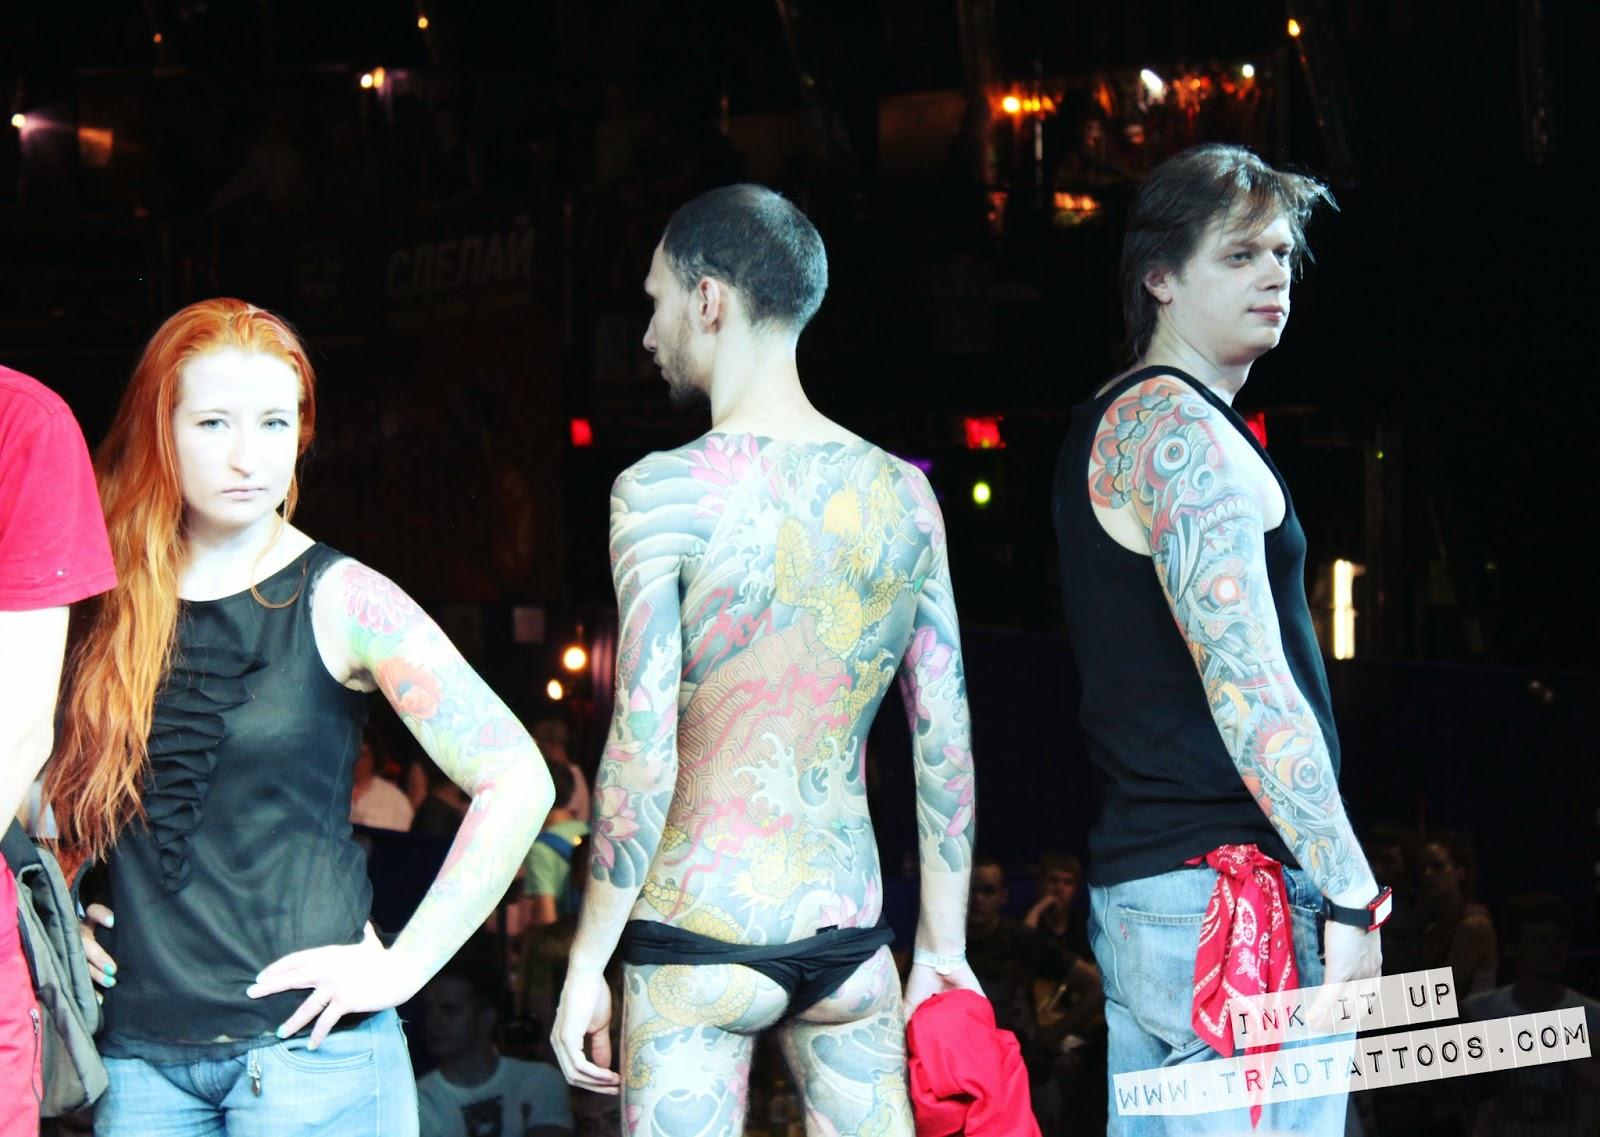 лучшие мужские татуировки - Самые красивые мужские татуировки 500+ фото